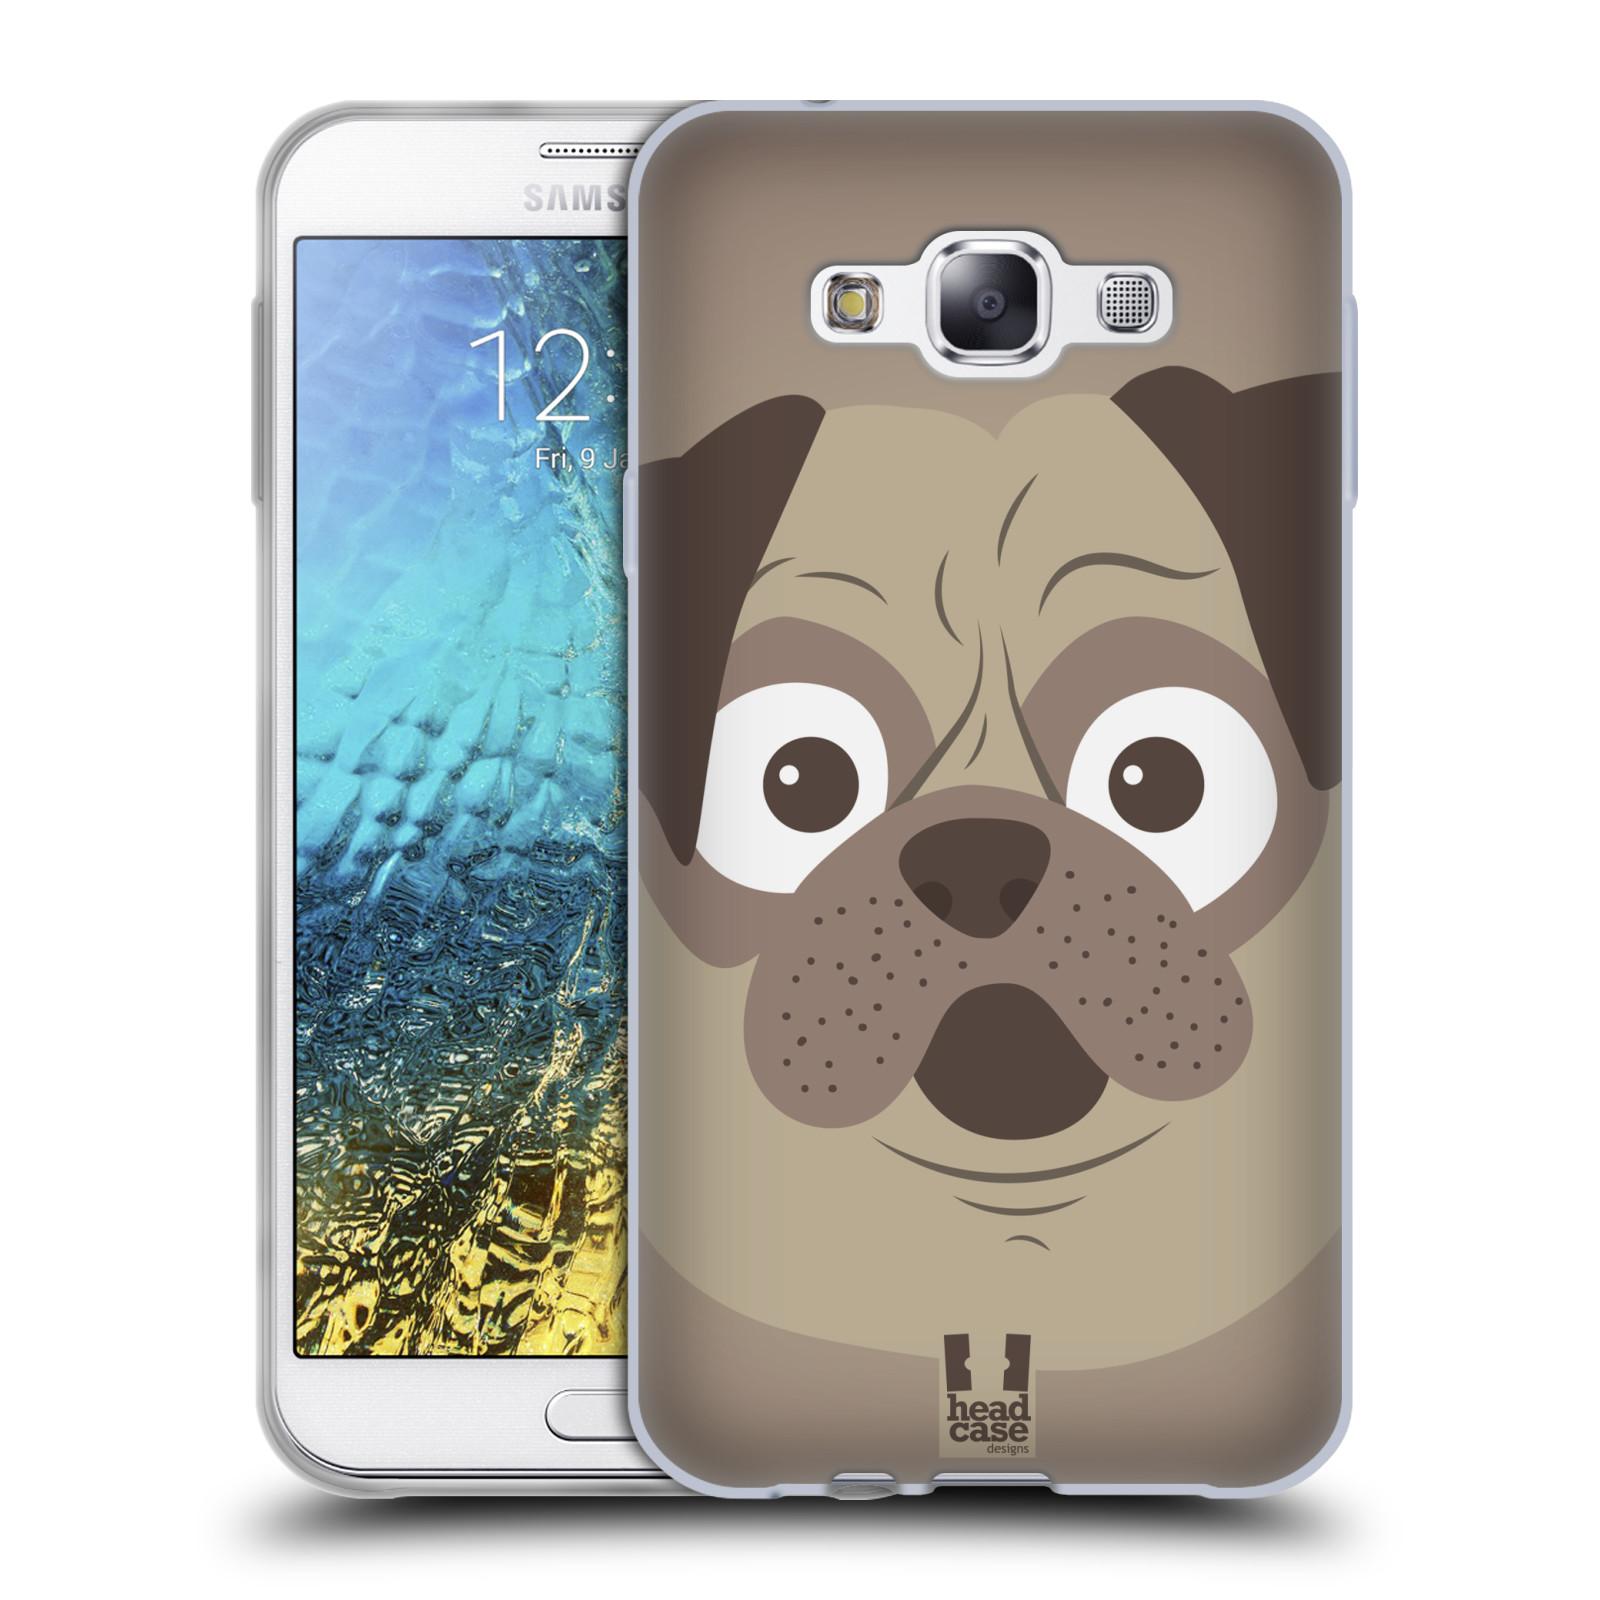 HEAD CASE silikonový obal na mobil Samsung Galaxy E7 vzor Cartoon Karikatura barevná kreslená zvířátka pes mopsík